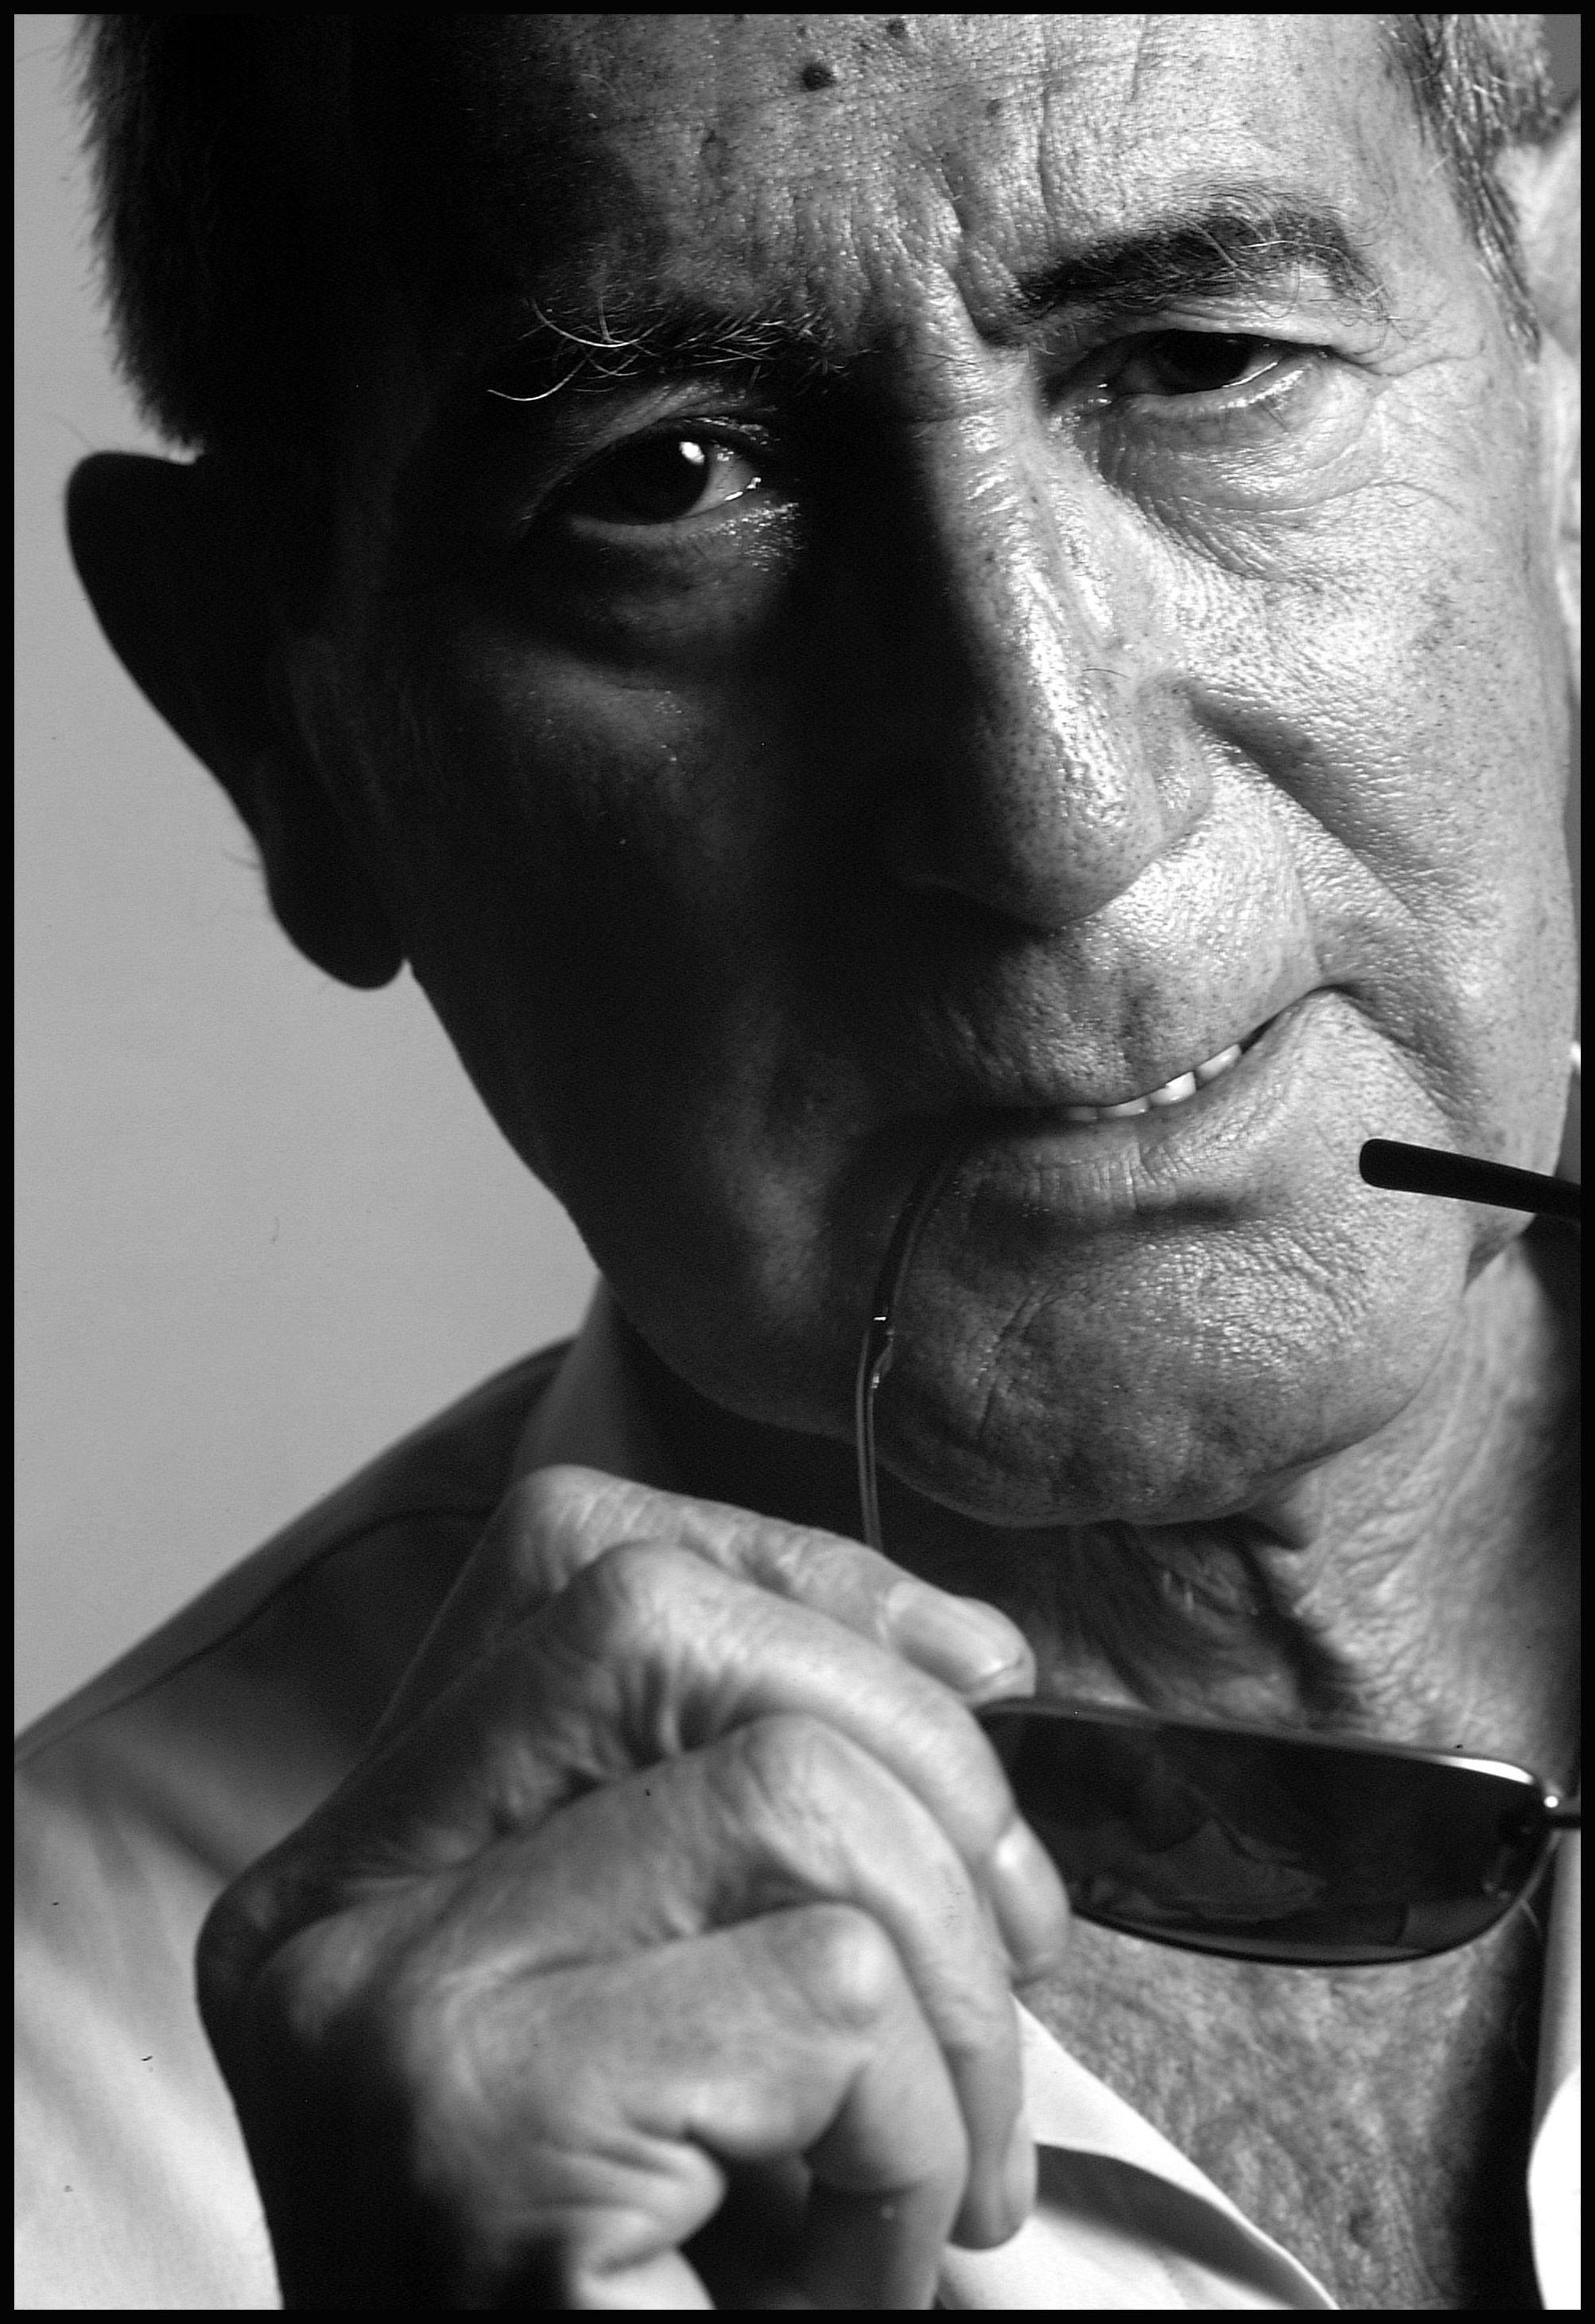 Estudio de fotografía José Luis Sanz. Retrato editorial. Elio Berhanyer